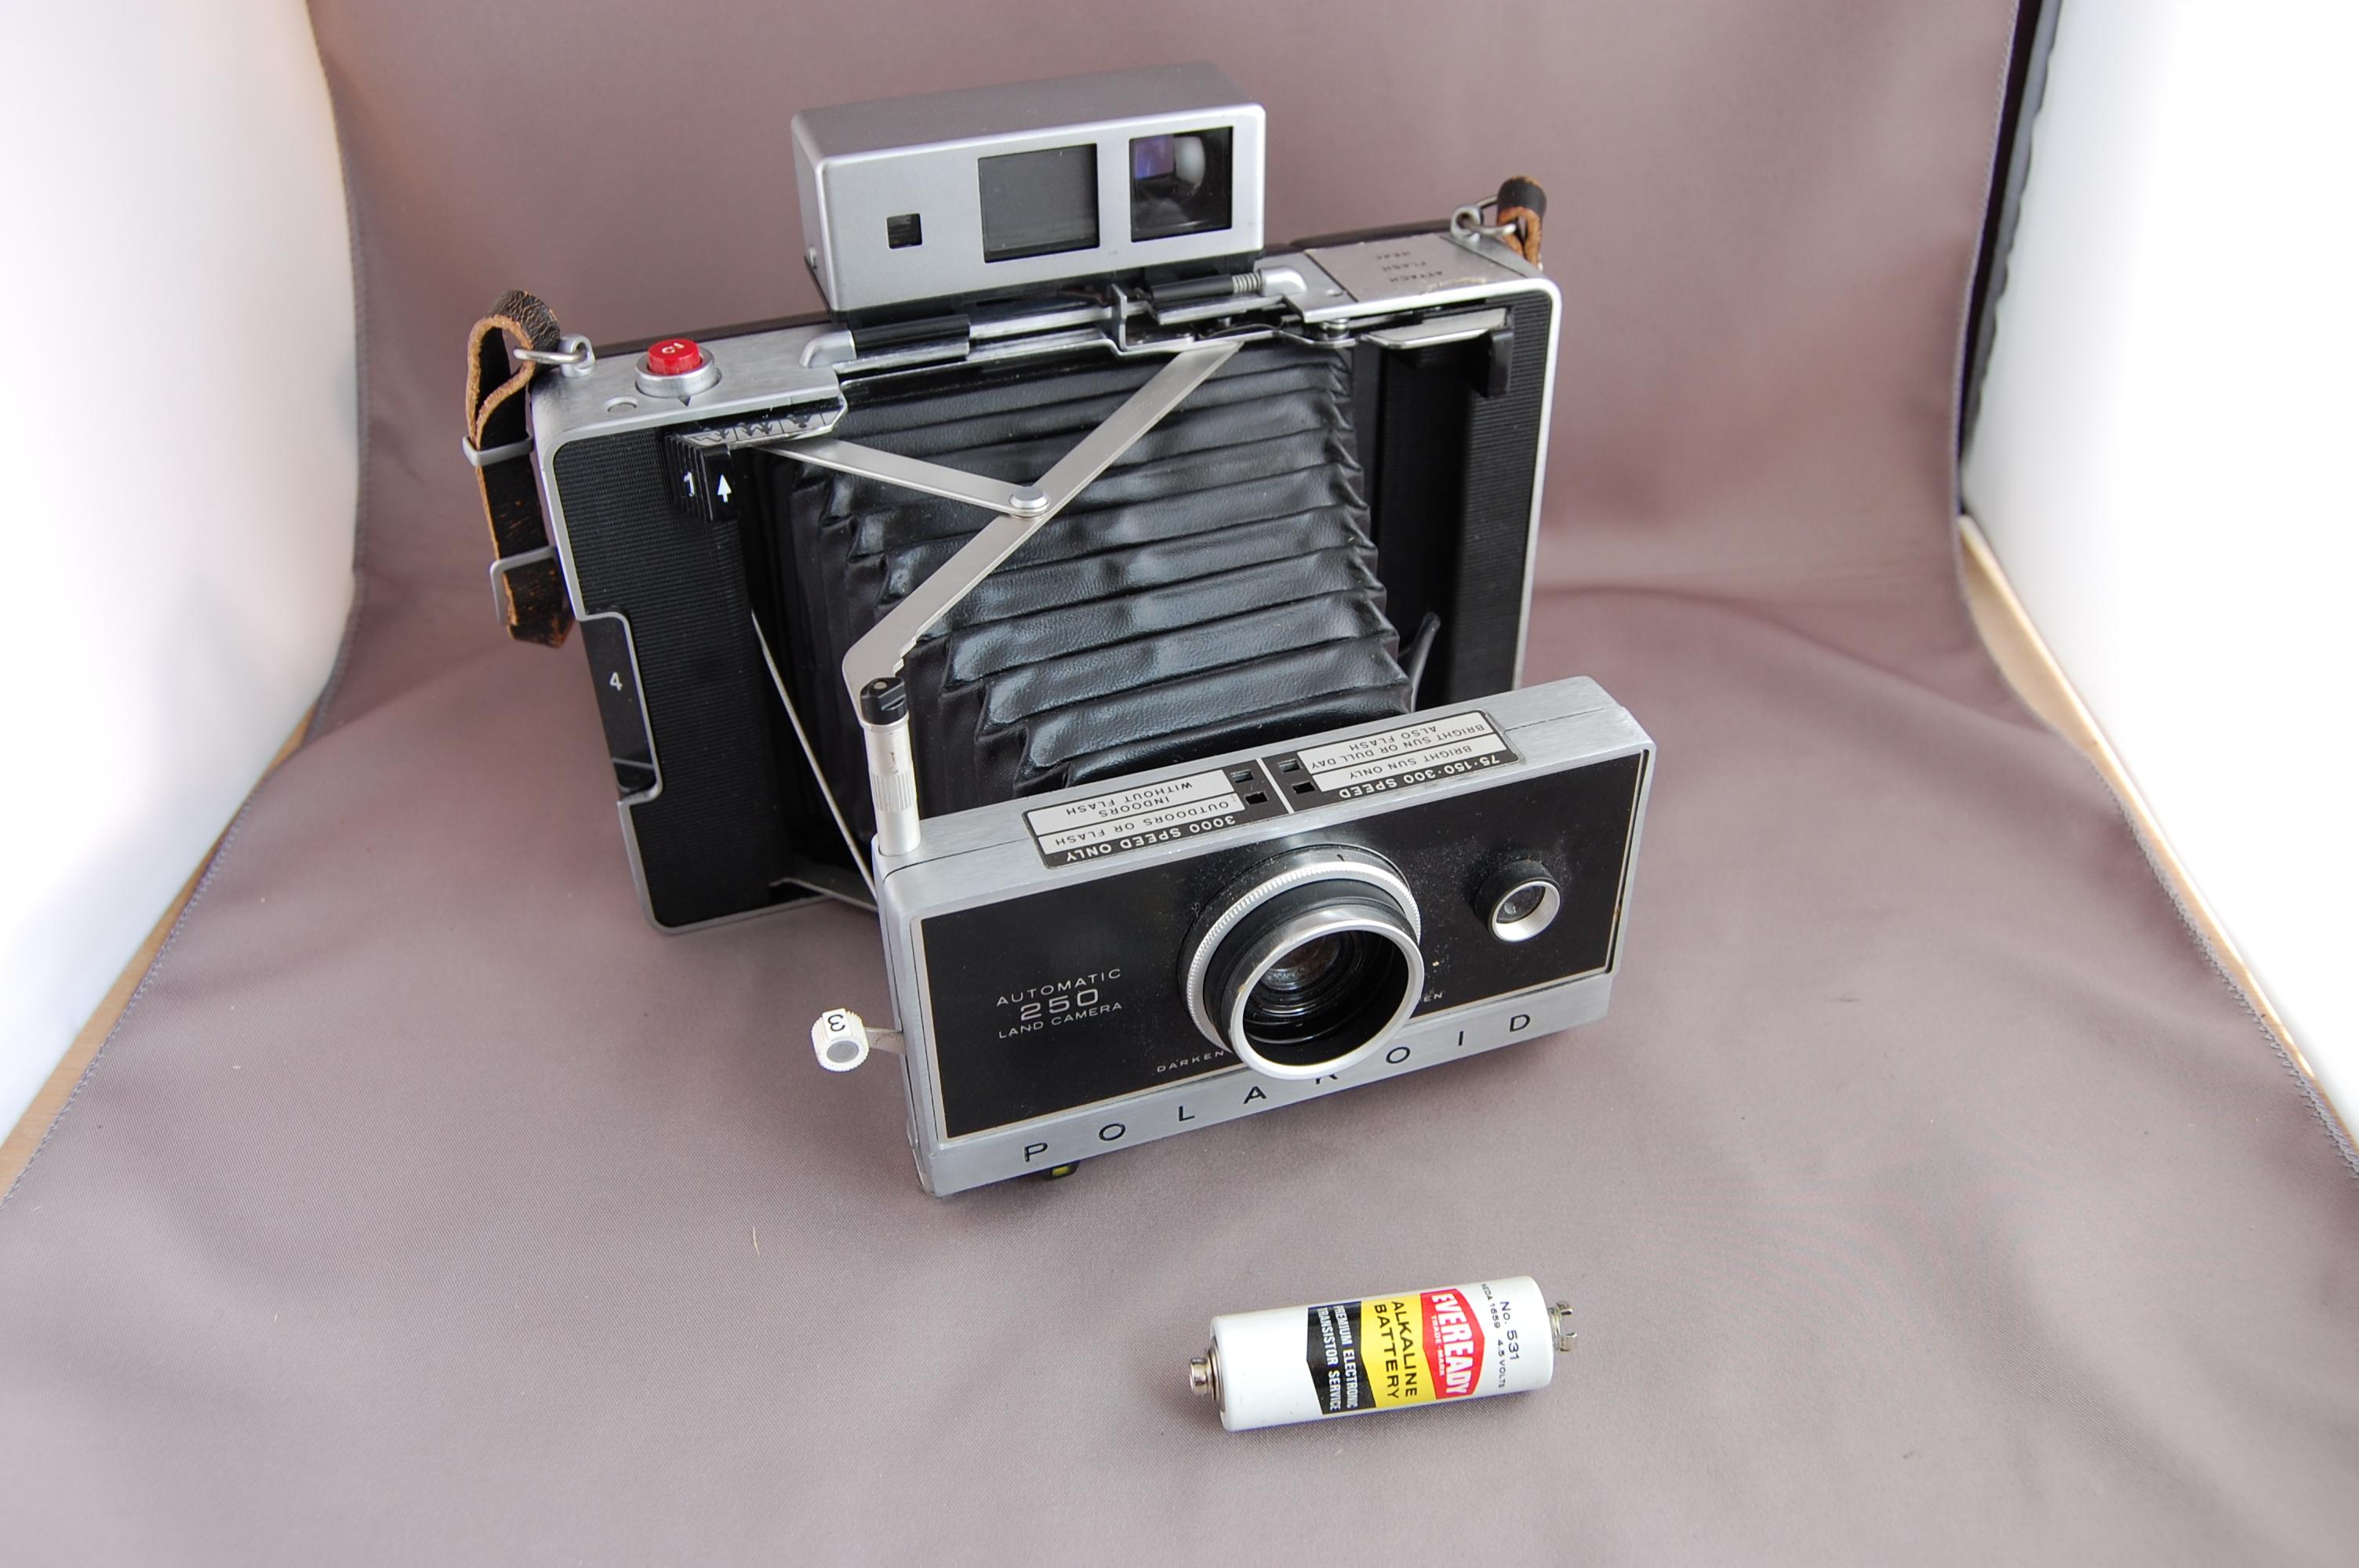 lo-fi photography - dianacamera.com - dianacamera.com - Polaroid ...